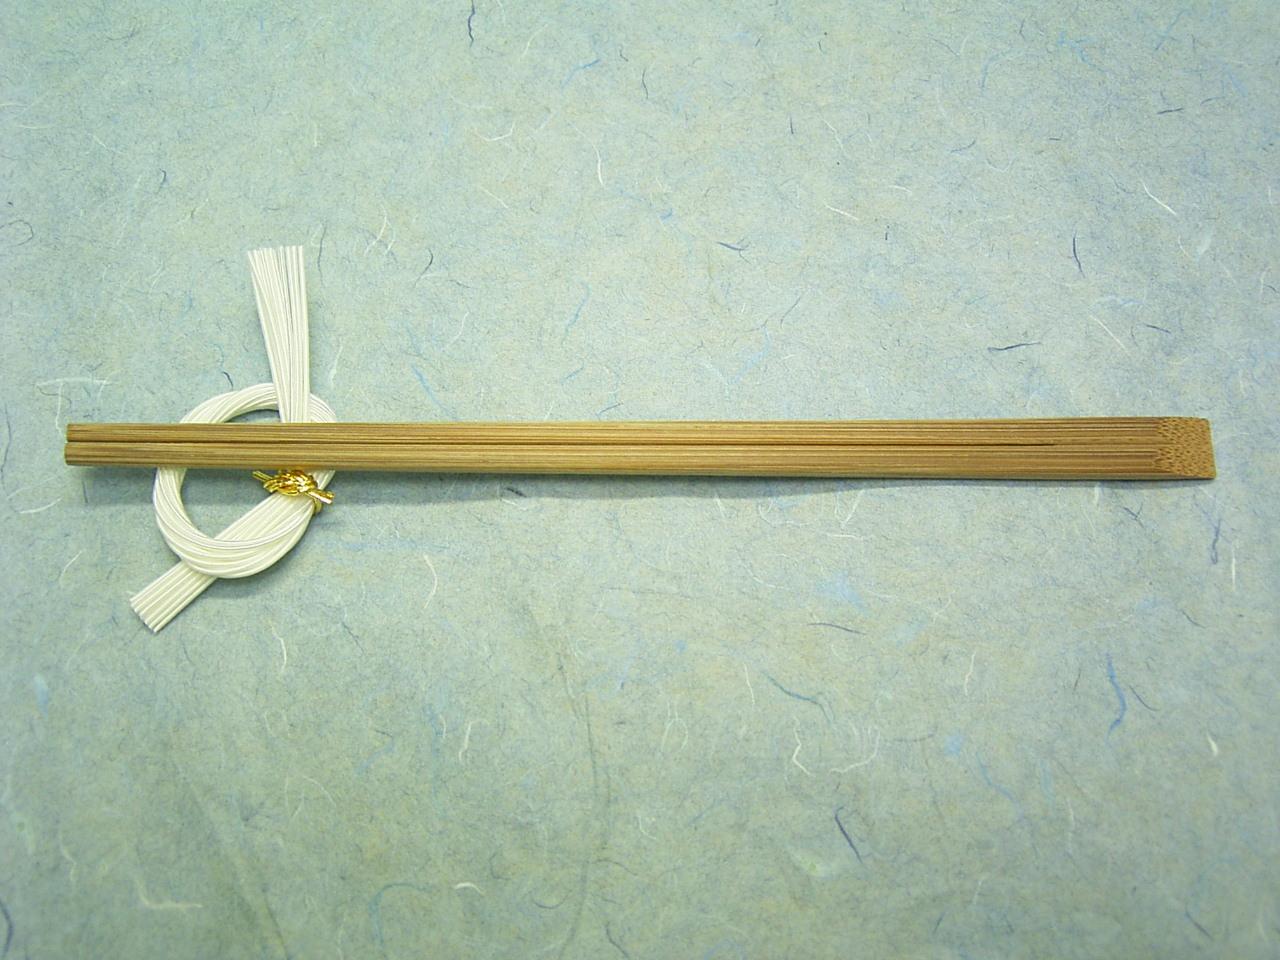 8寸竹箸天削 スス竹 21cm 100膳